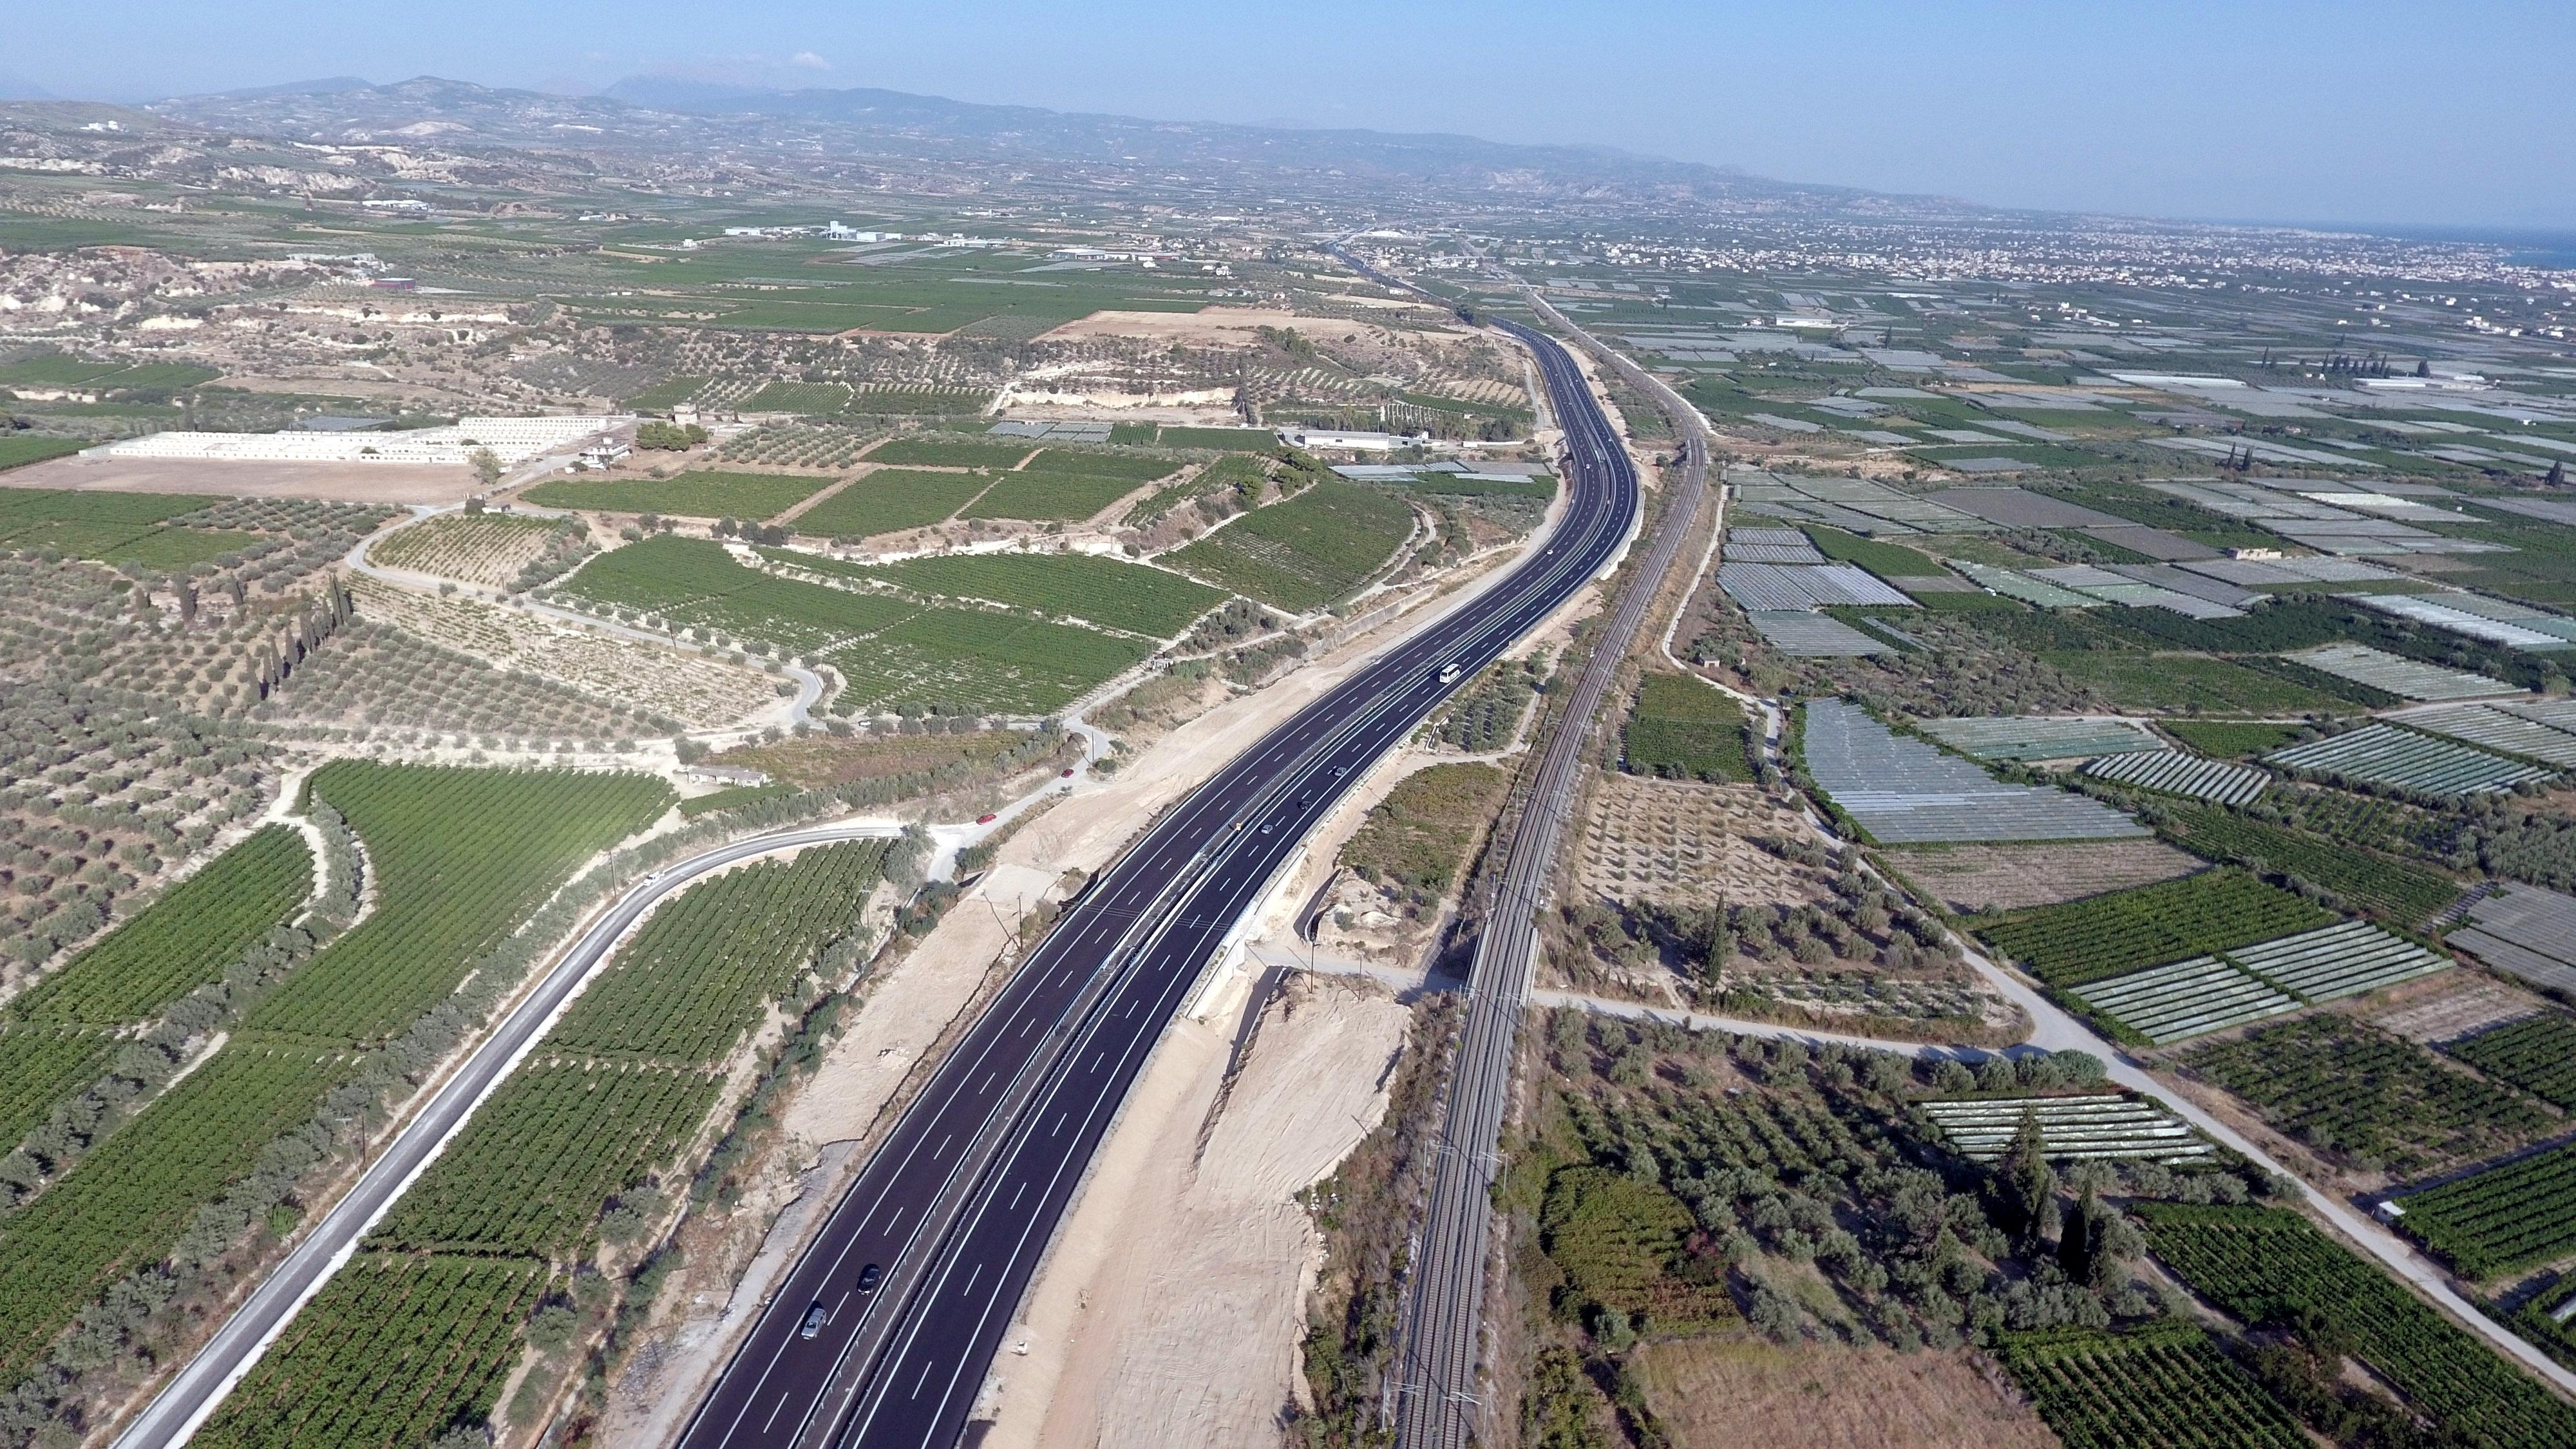 Μέχρι τέλος Αυγούστου τελειώνει η «οδύσσεια» των αυτοκινητόδρομων